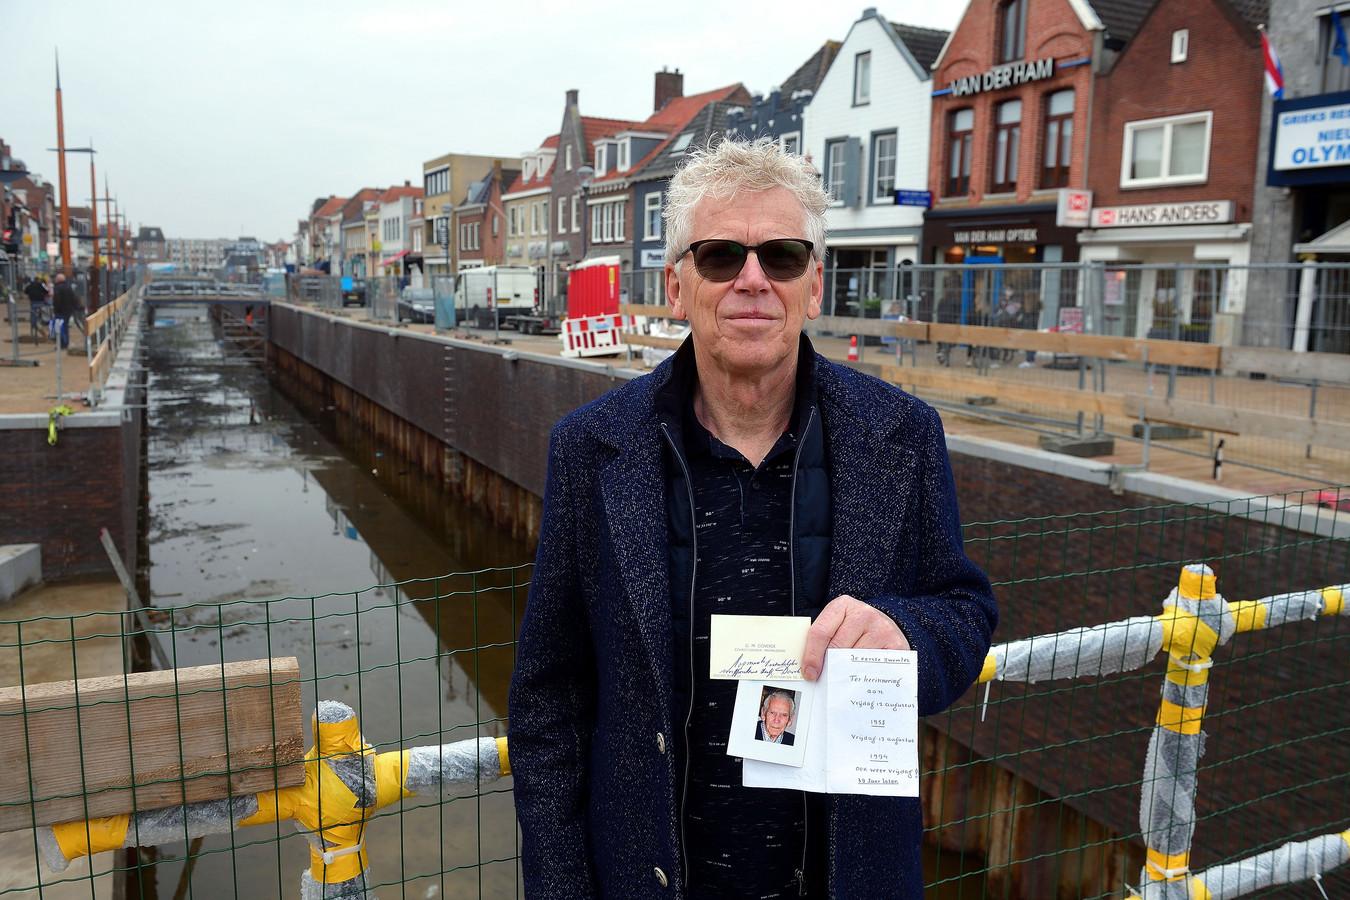 Mathieu Goverde werd op 4-jarige leeftijd uit de haven gered door een passant. In zijn hand de bedankbriefjes.